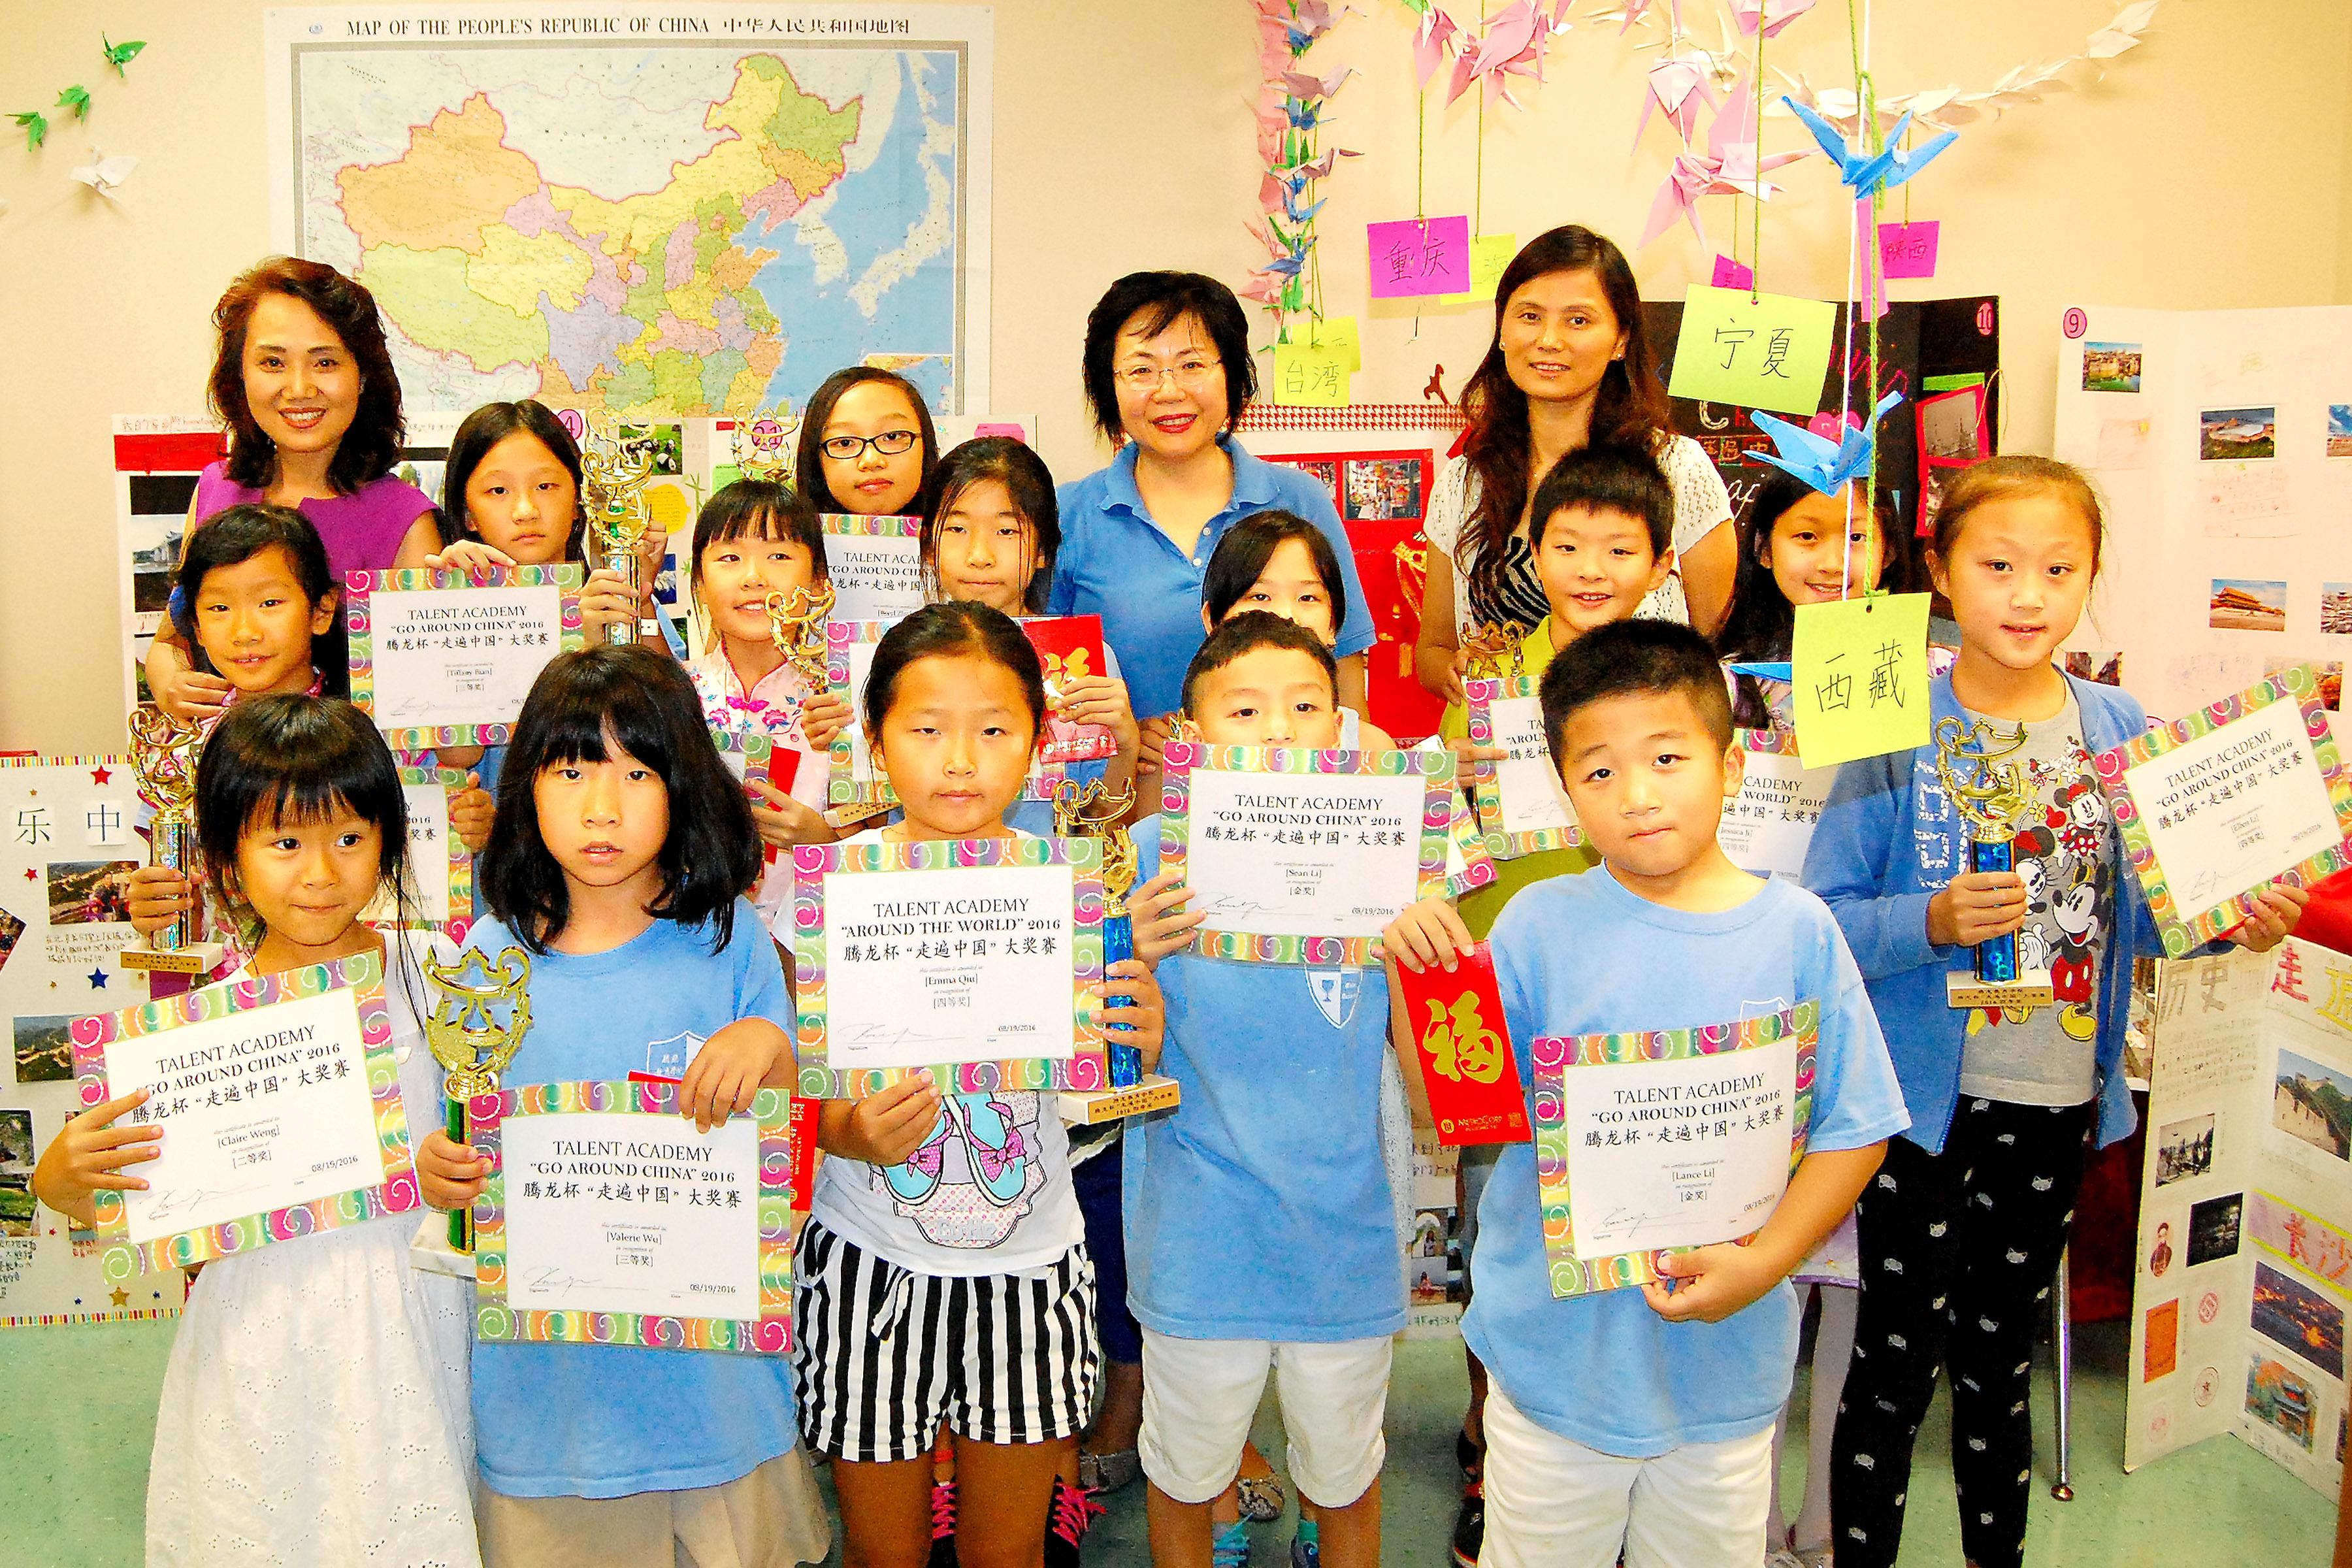 騰龍教育學院舉辦的「走遍全世界」歷史地理旅行者比賽活動。(本報資料圖片)